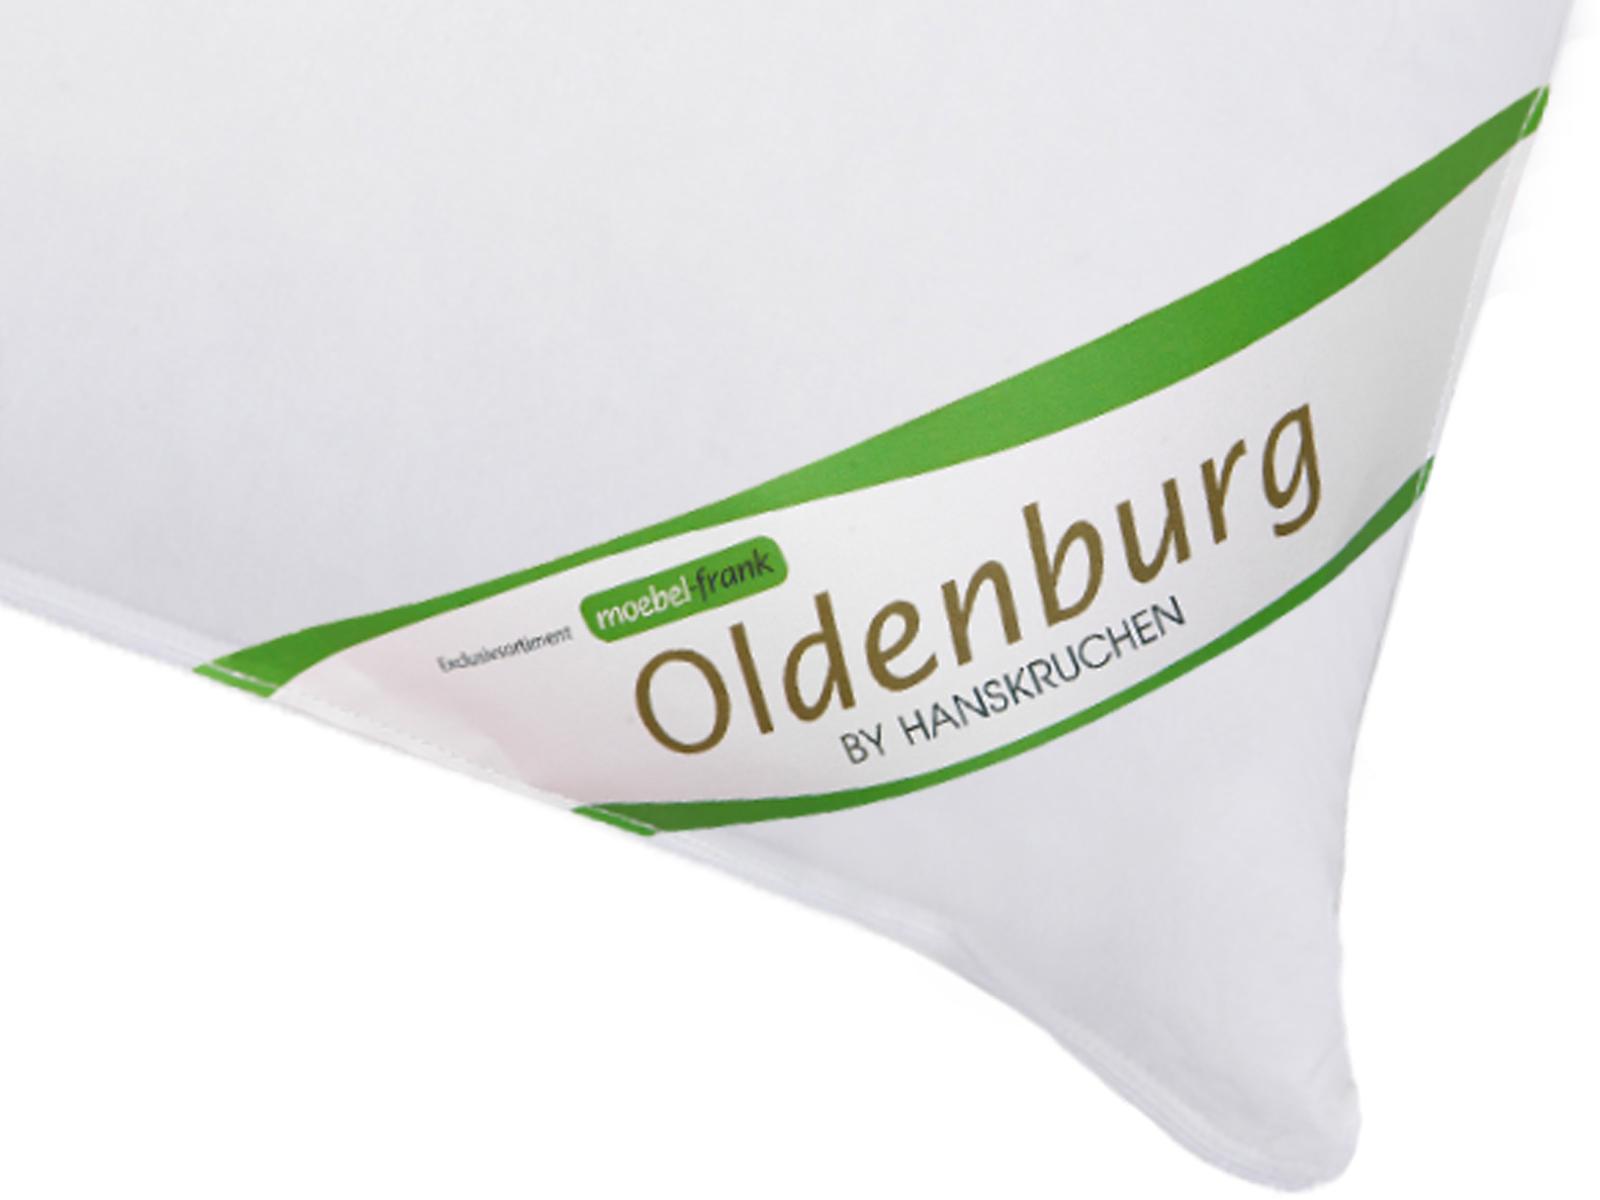 3-Kammer Kopfkissen neue weiße Landdaune und -federn Baumwolle Oldenburg 80x80cm und 40x80cm Hanskruchen – Bild 8